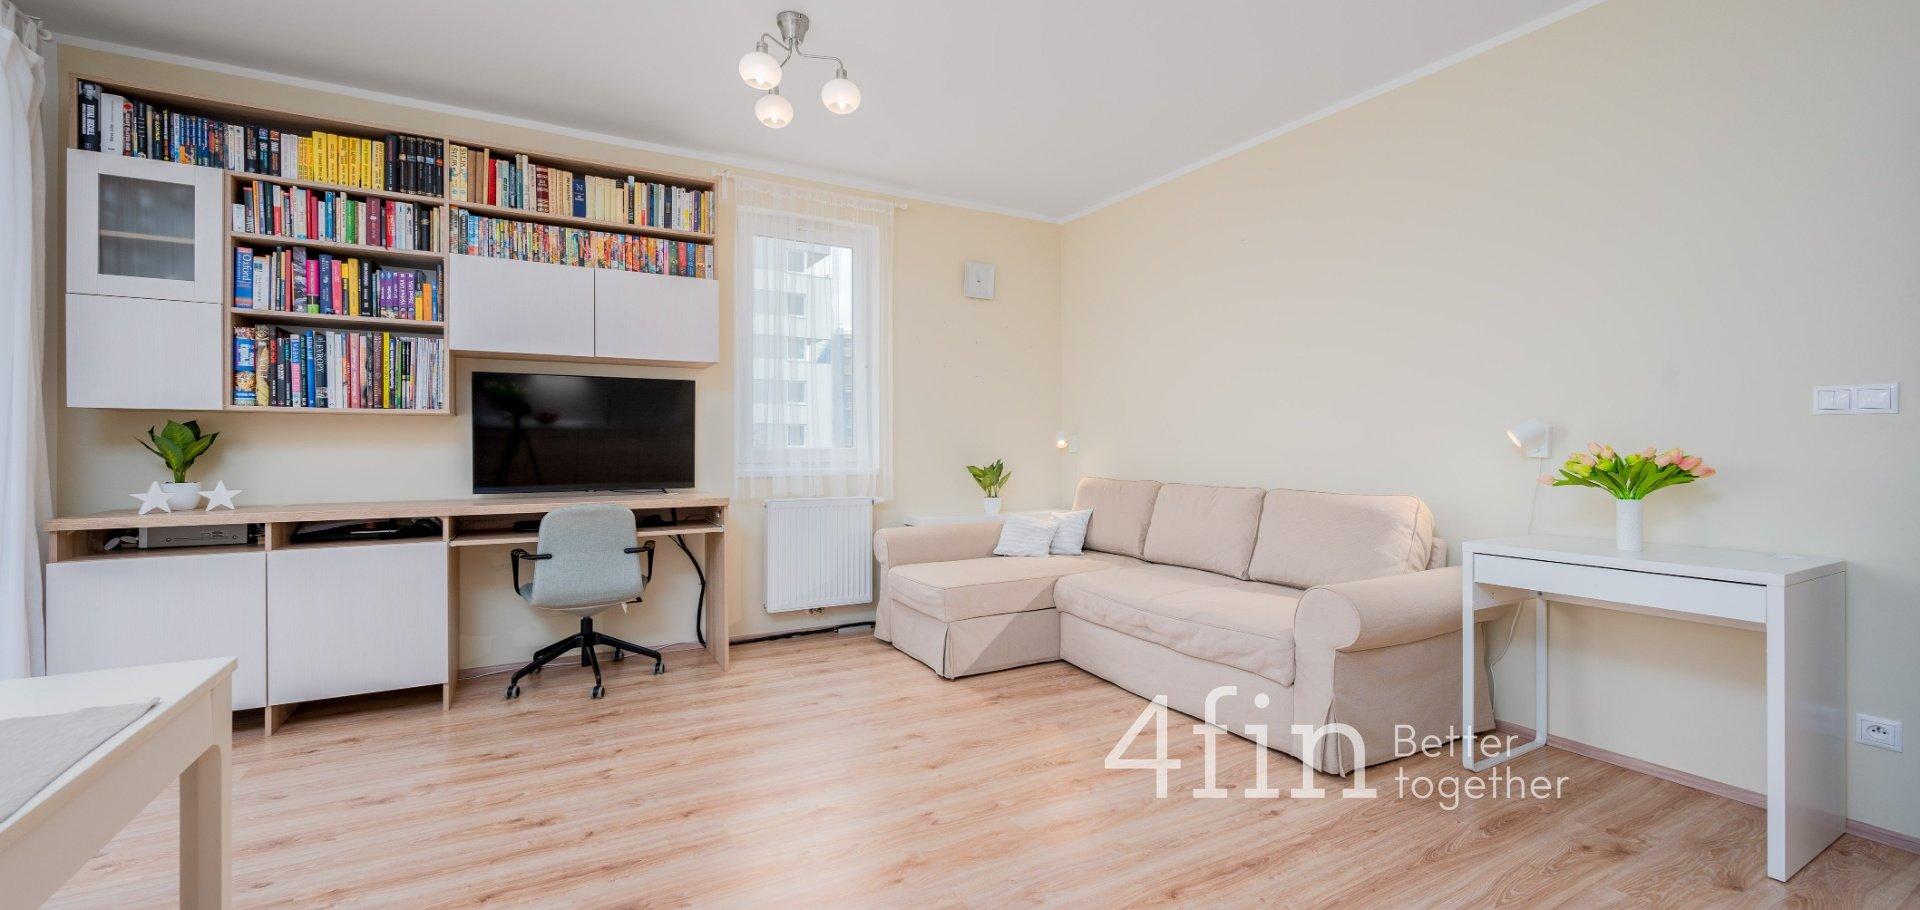 Prodej útulného bytu 3+kk z projektu Milíčovský háj s balkonem a garážovým stáním